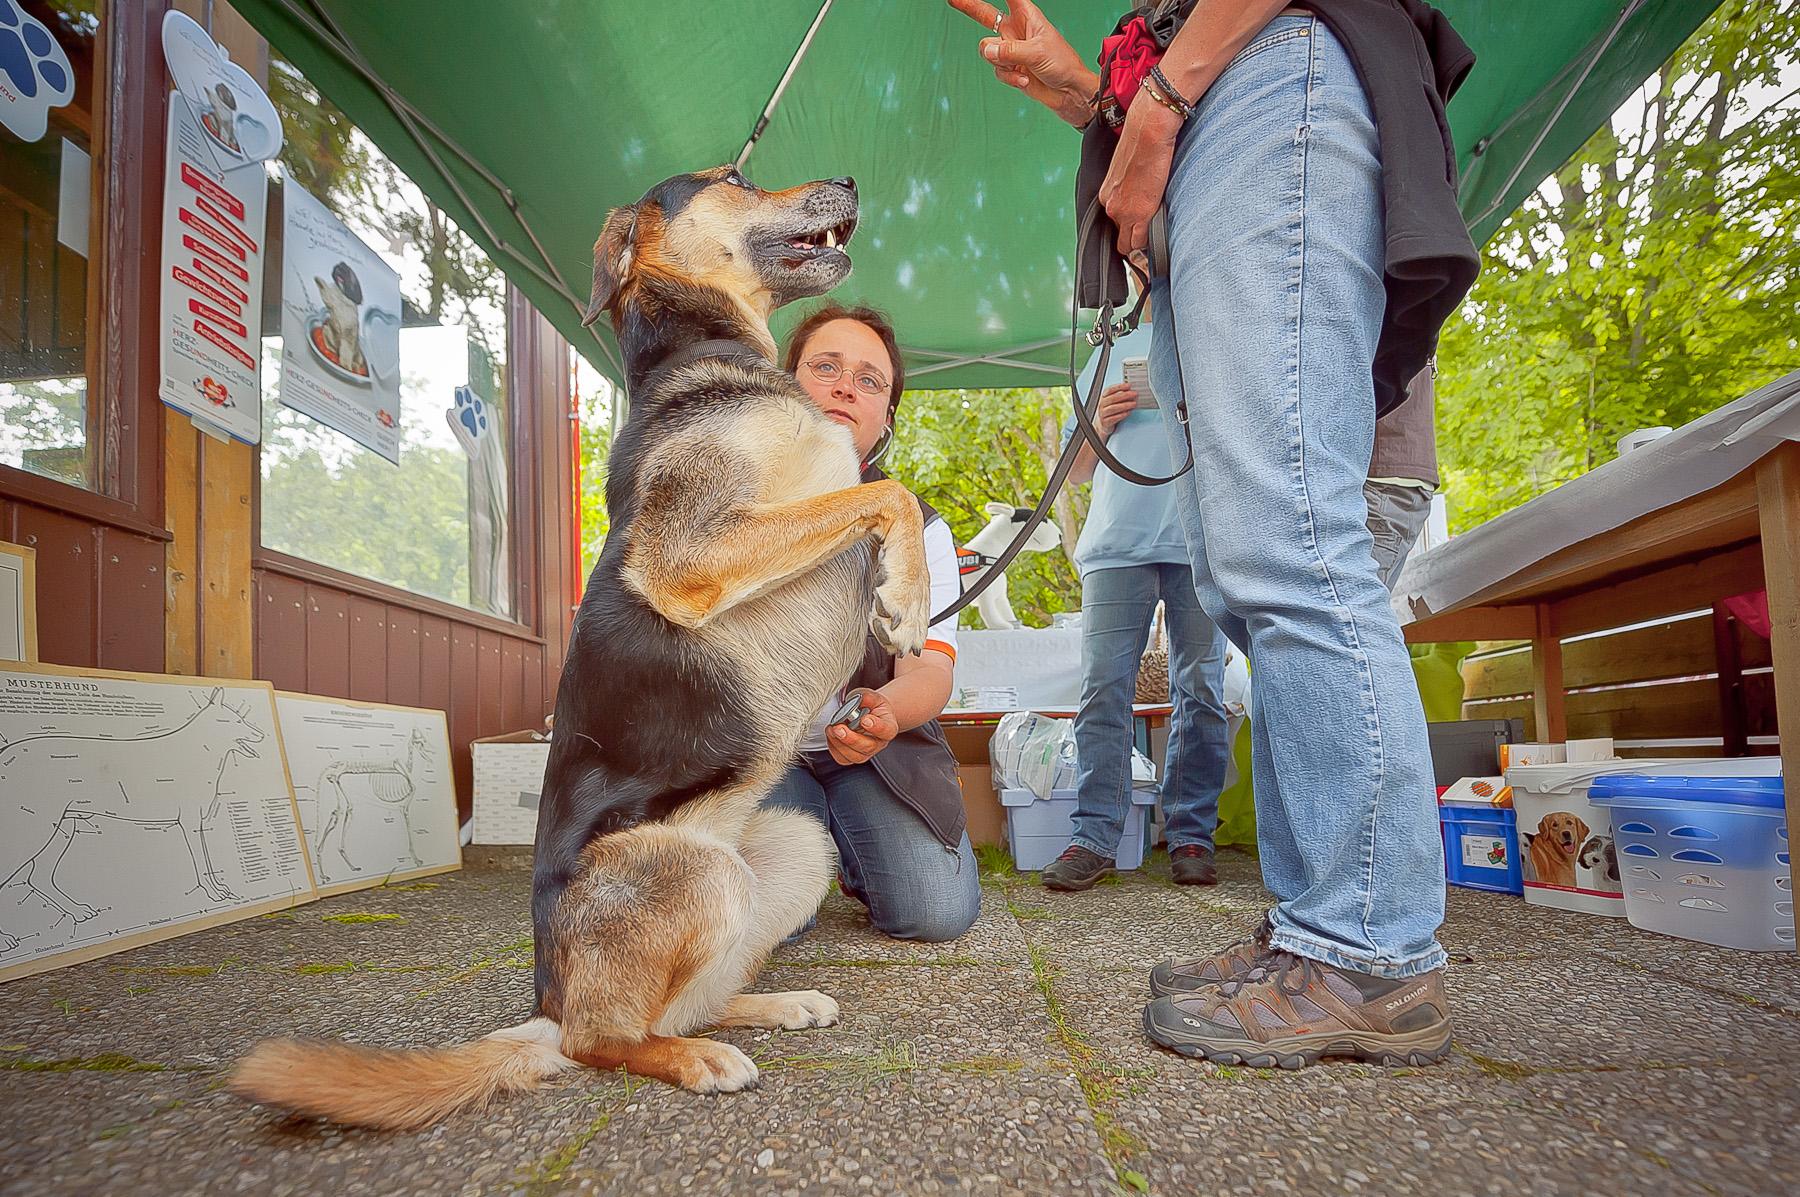 Die Tierarztpraxis Grath bietet auch eine Hundeschule an, bei der Sie mit Hundesenioren bei der offenen Mobility teilnehmen können